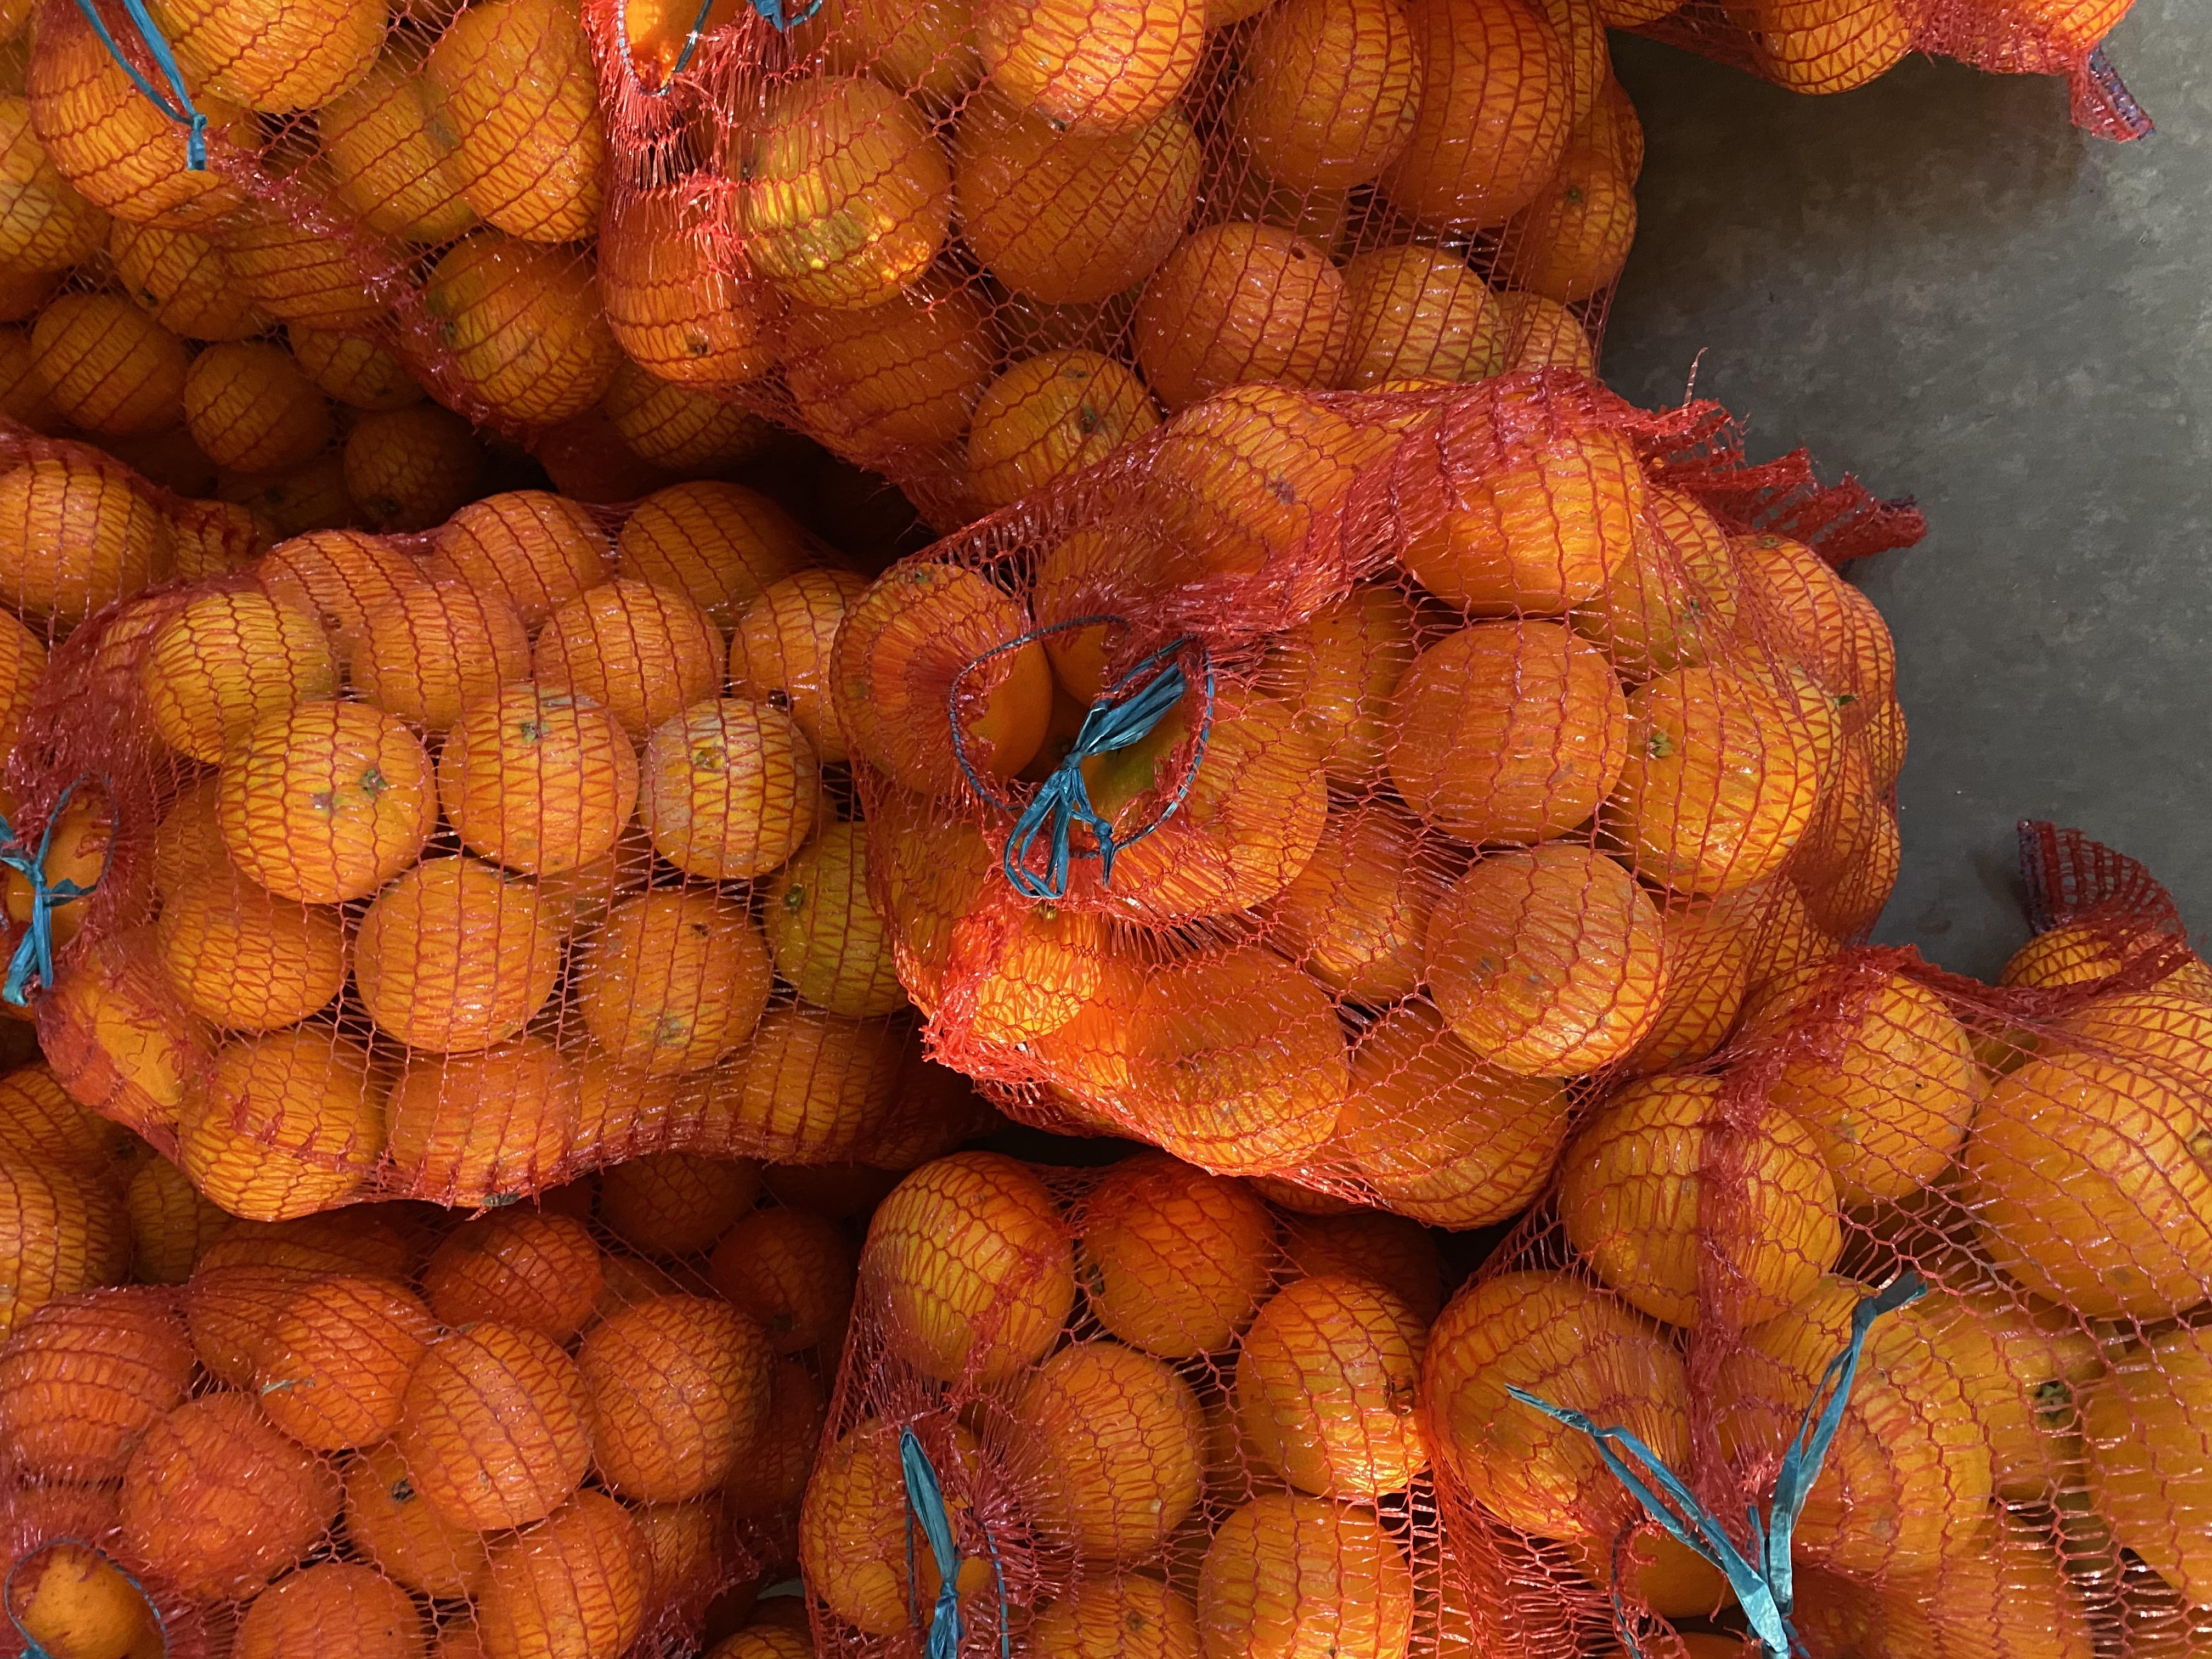 Naranja de Palma del Río